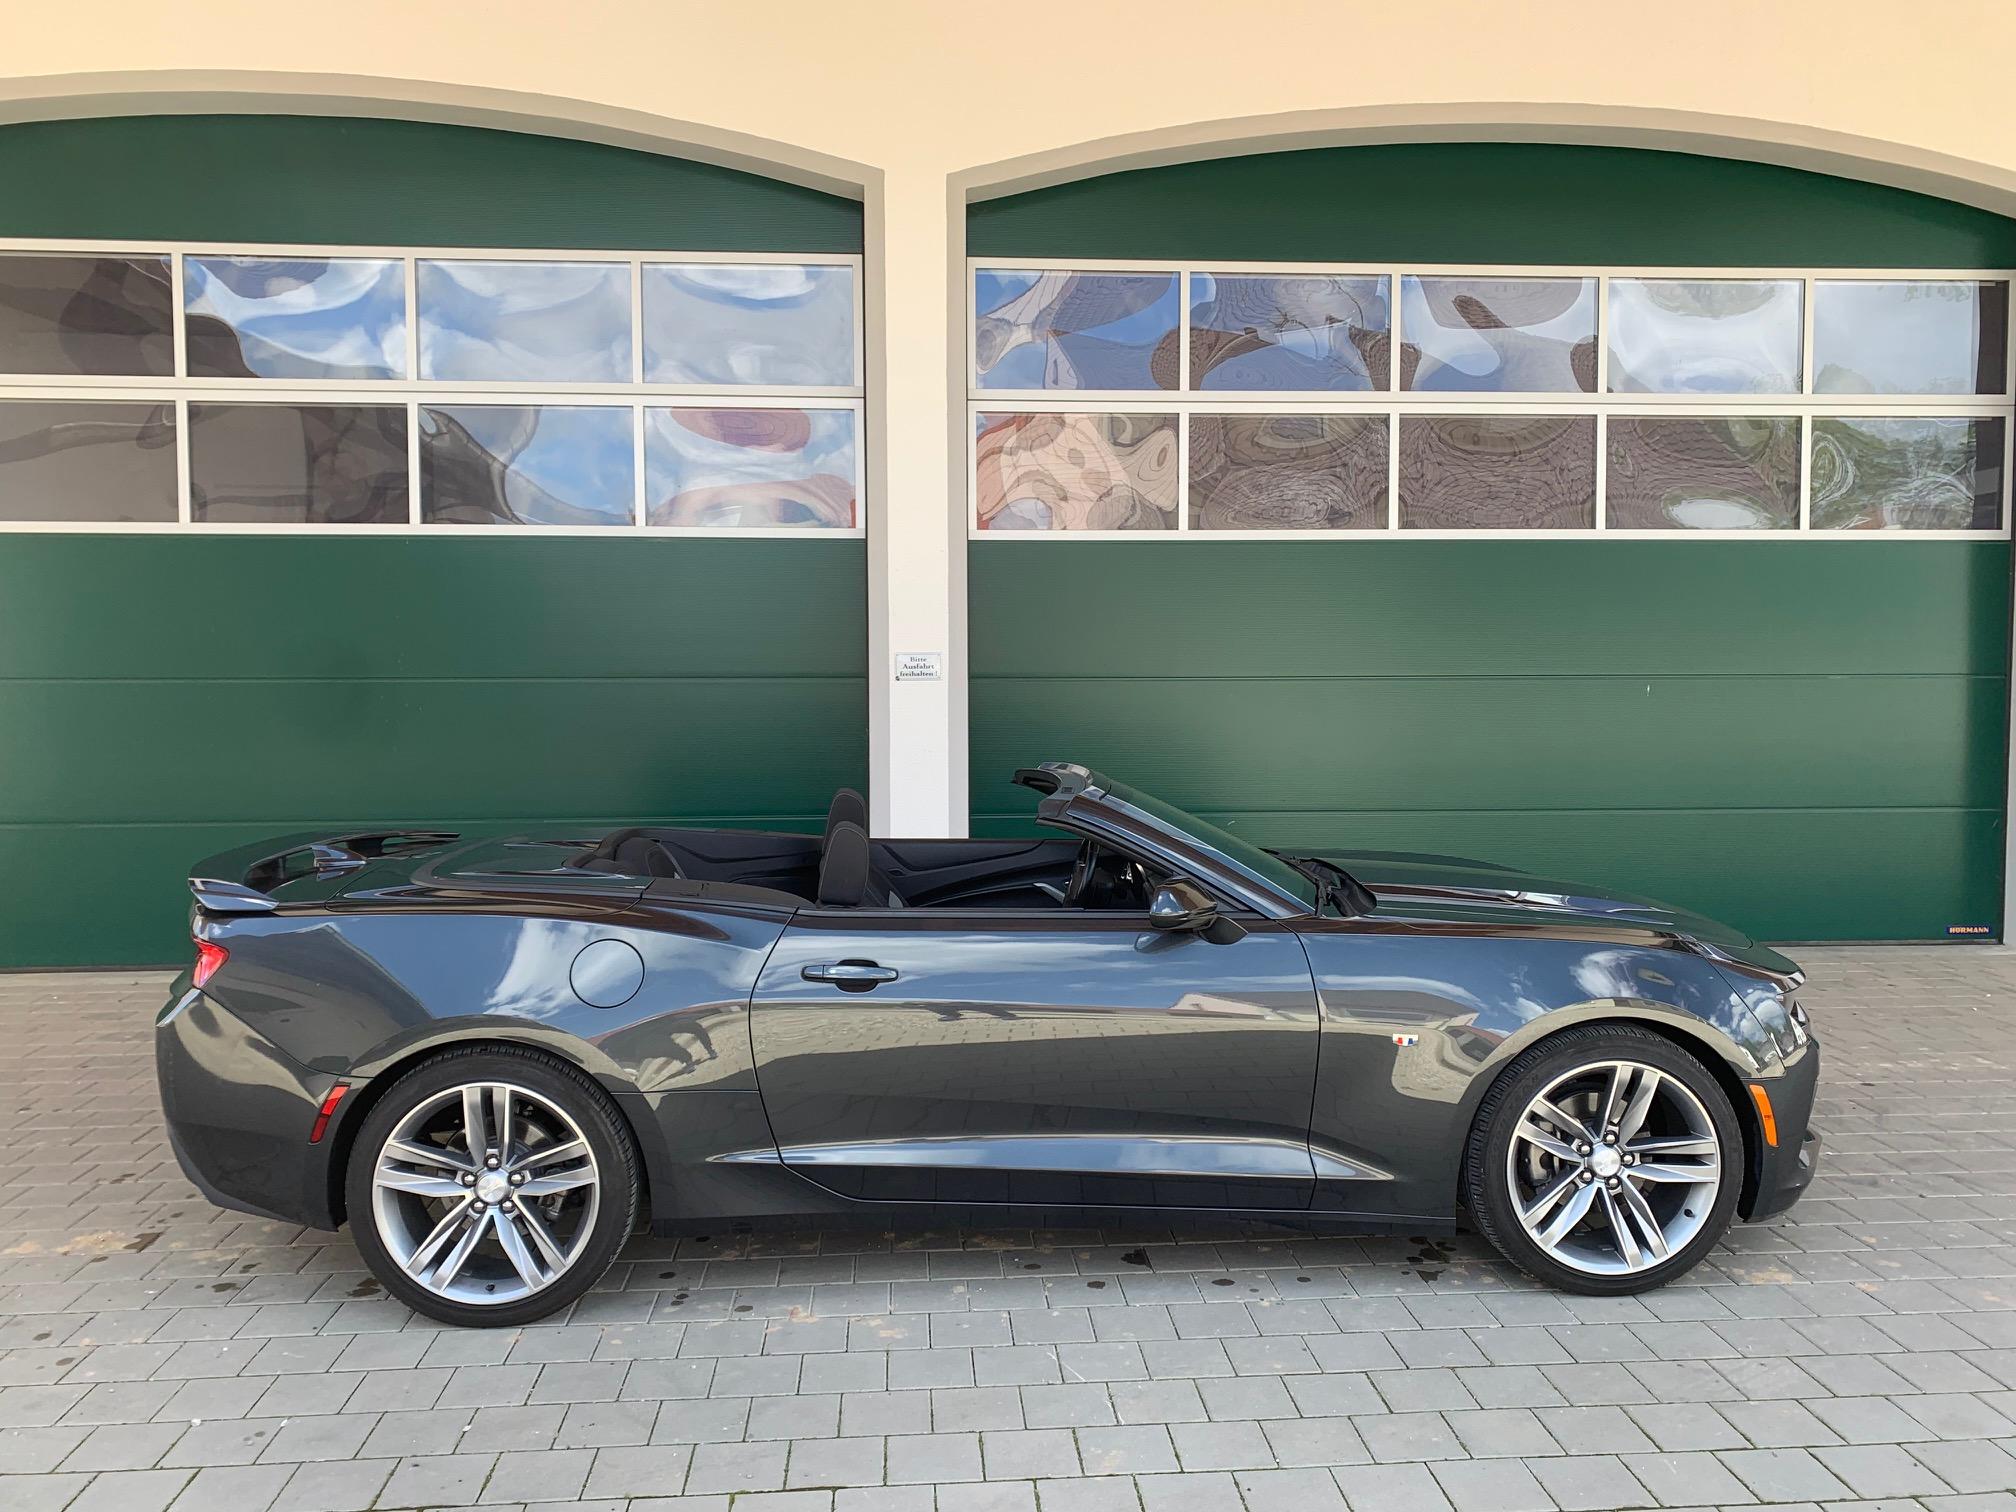 2019 Camaro Coupe zu verkaufen München